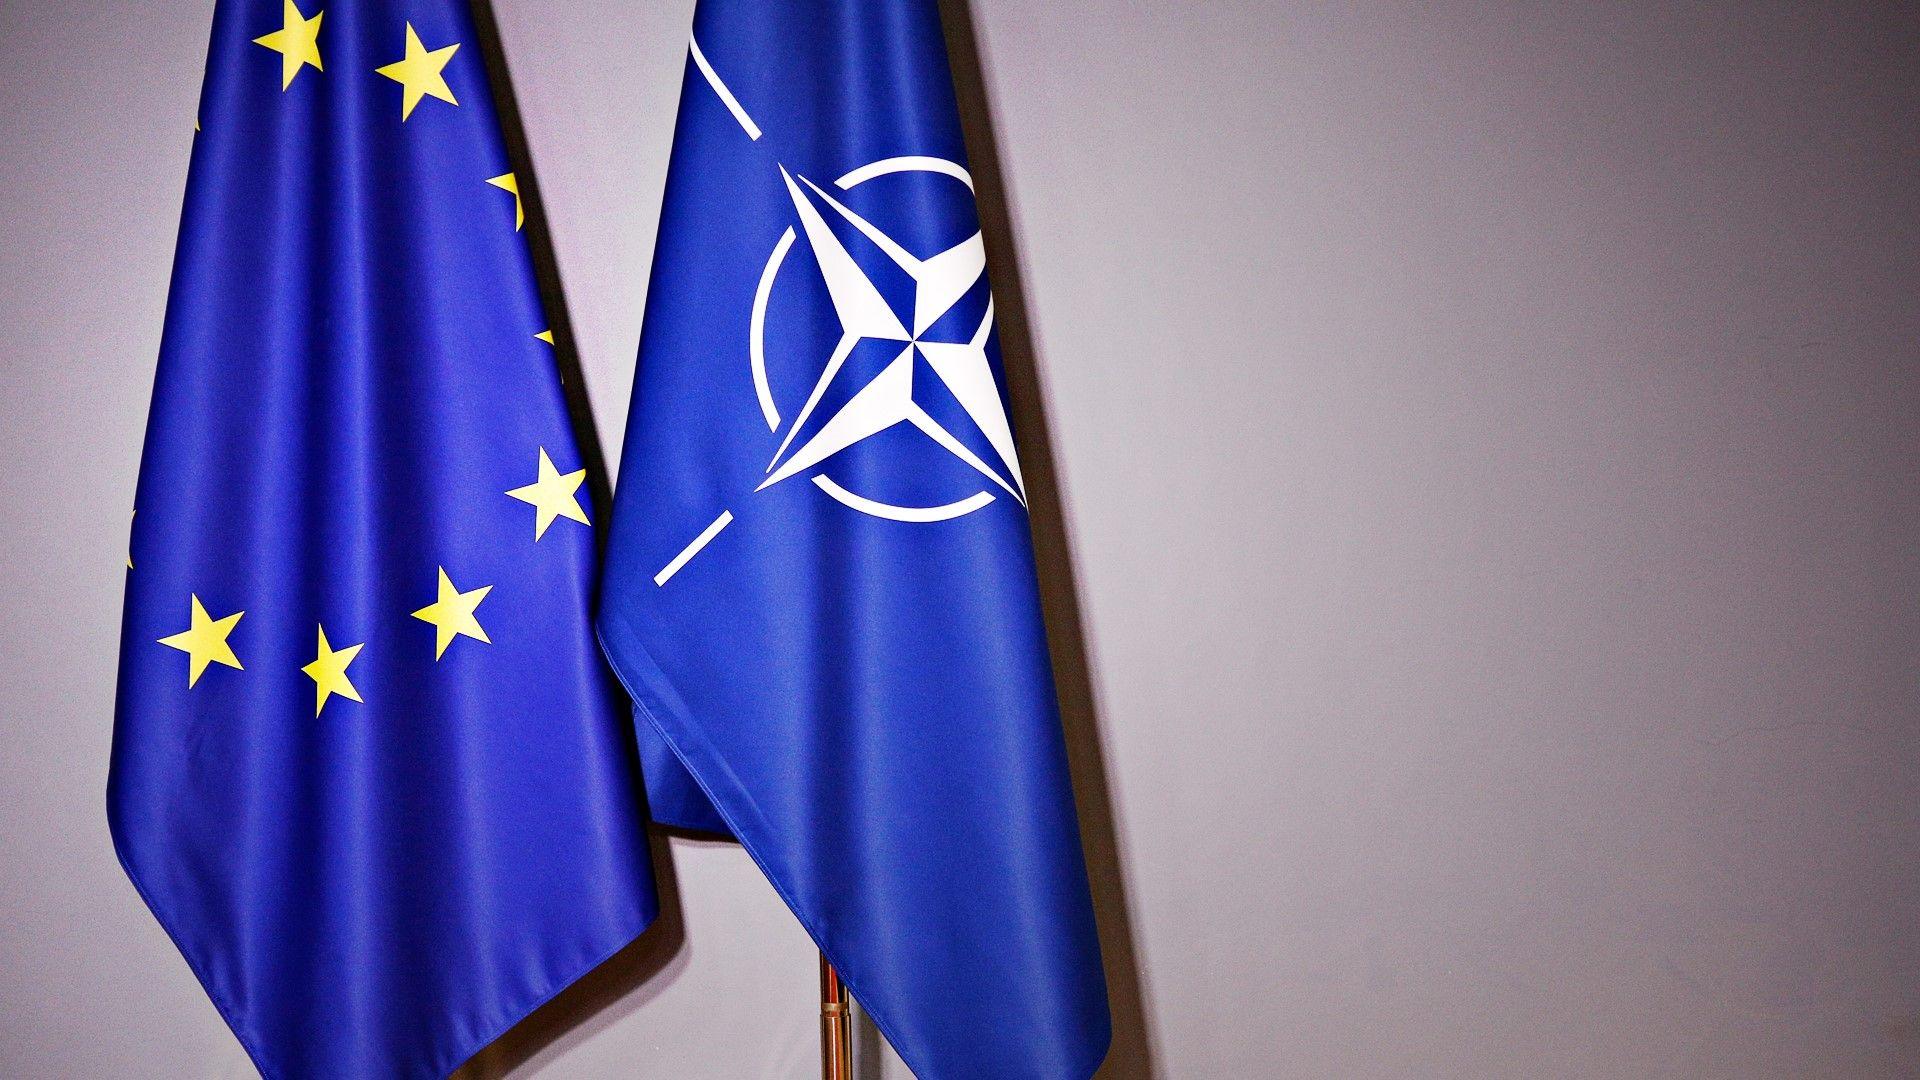 Близо 80% от сърбите са против членство в НАТО